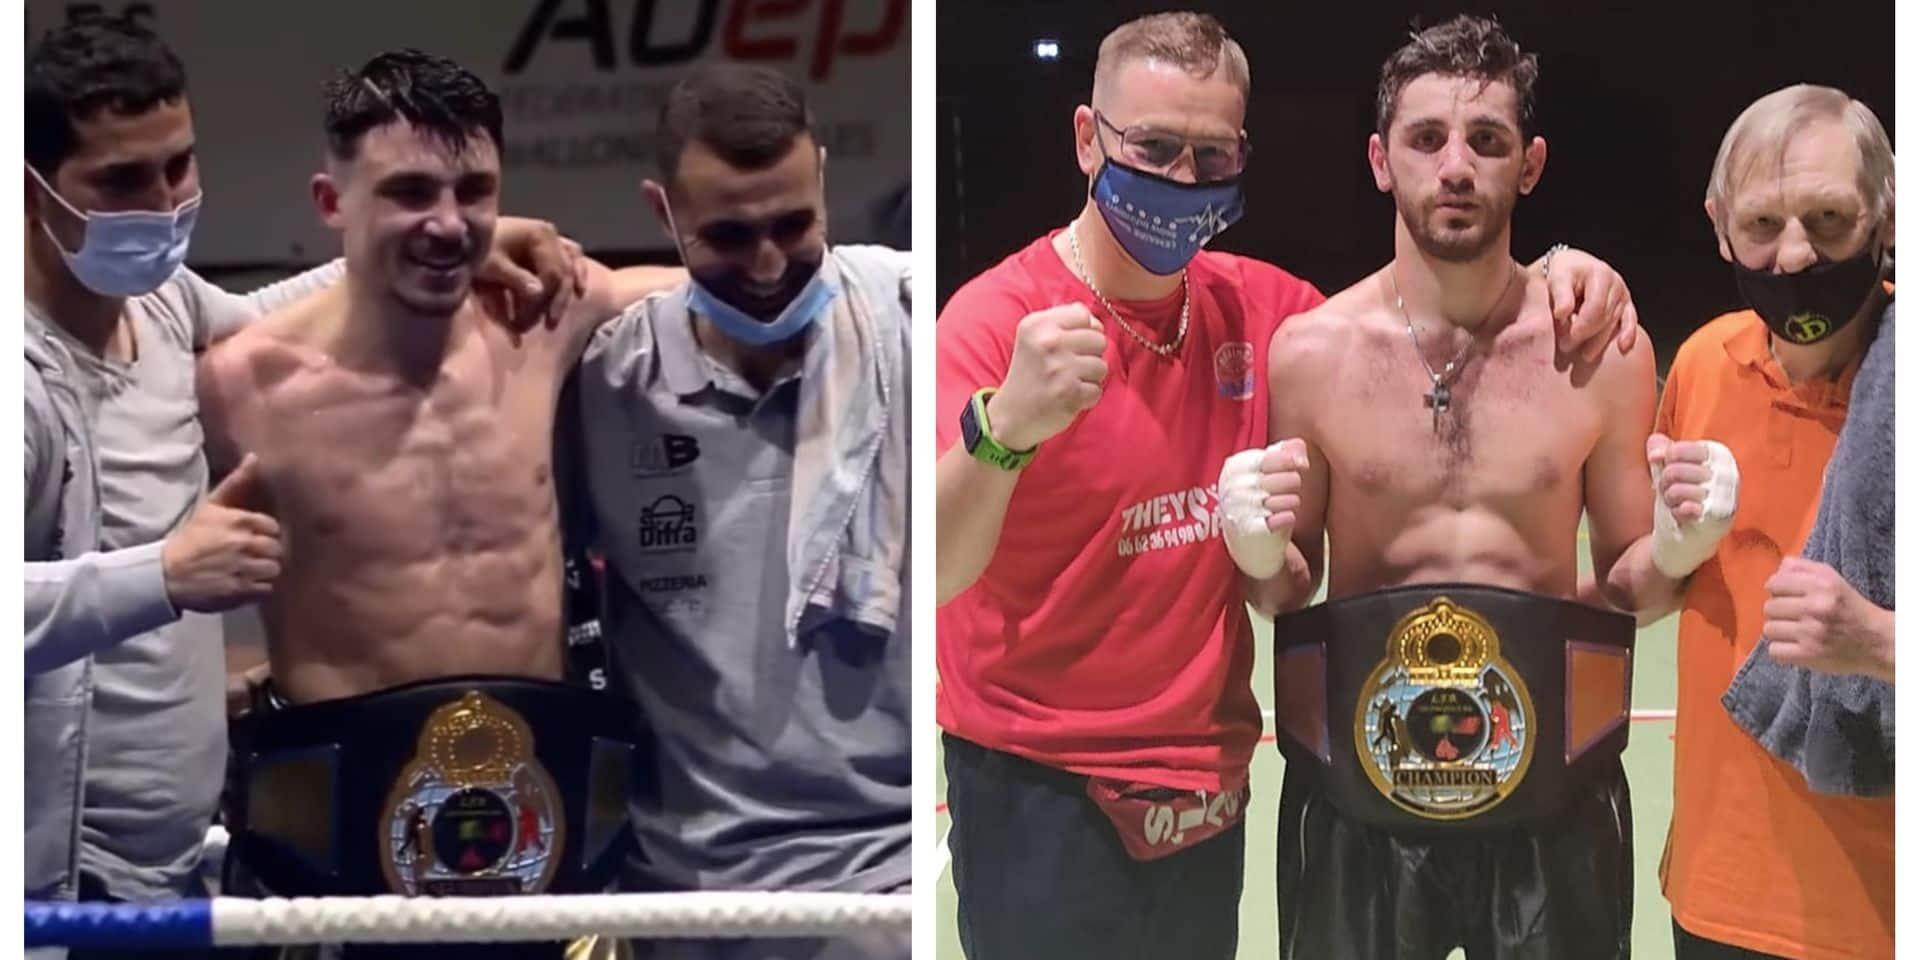 Boxe : Amaury Massenaux et Surik Petrosyan sacrés champions francophones lors de la réunion de Visé